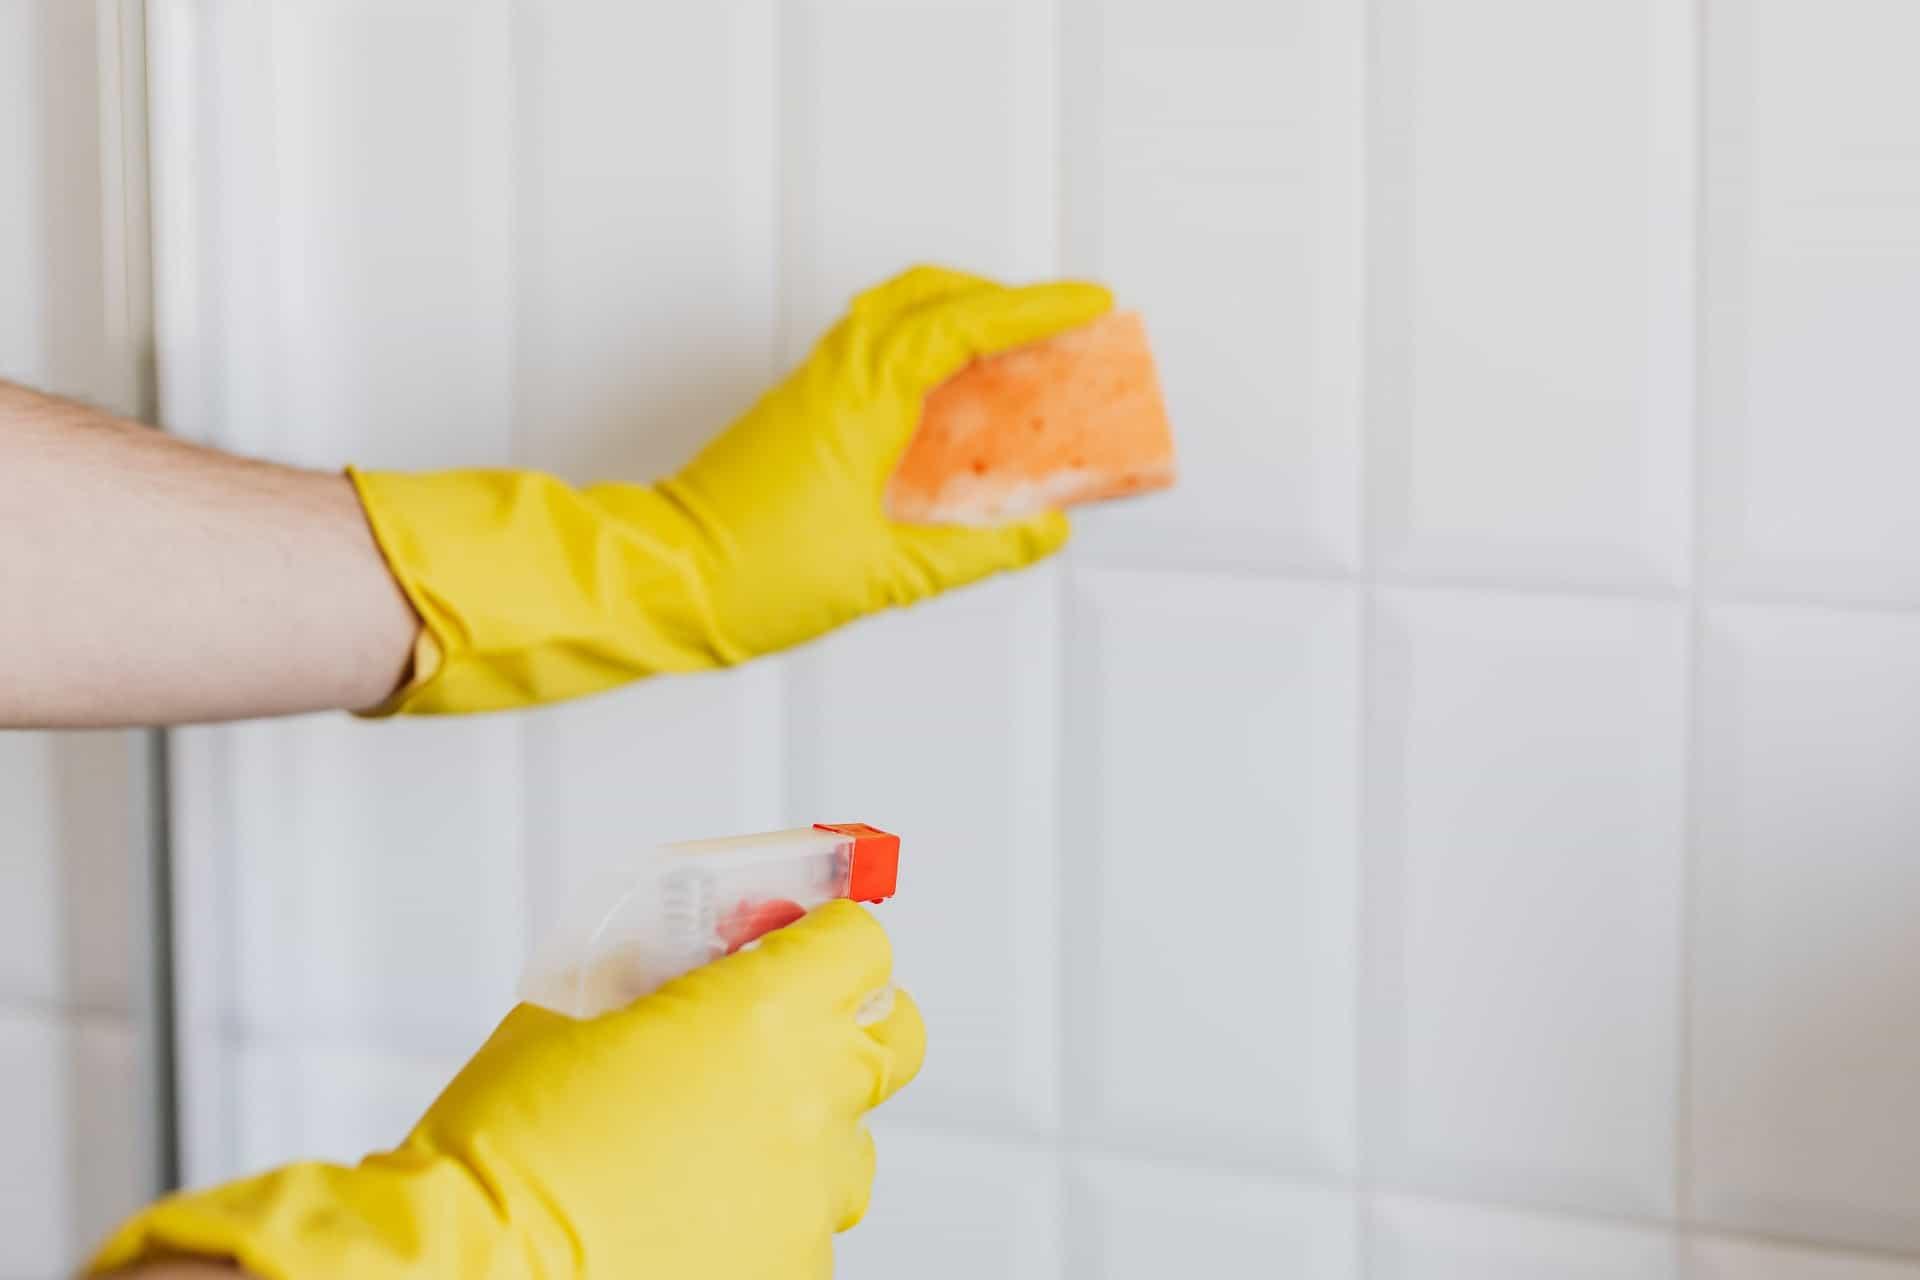 Comment trouver un nom pour son entreprise de nettoyage ?